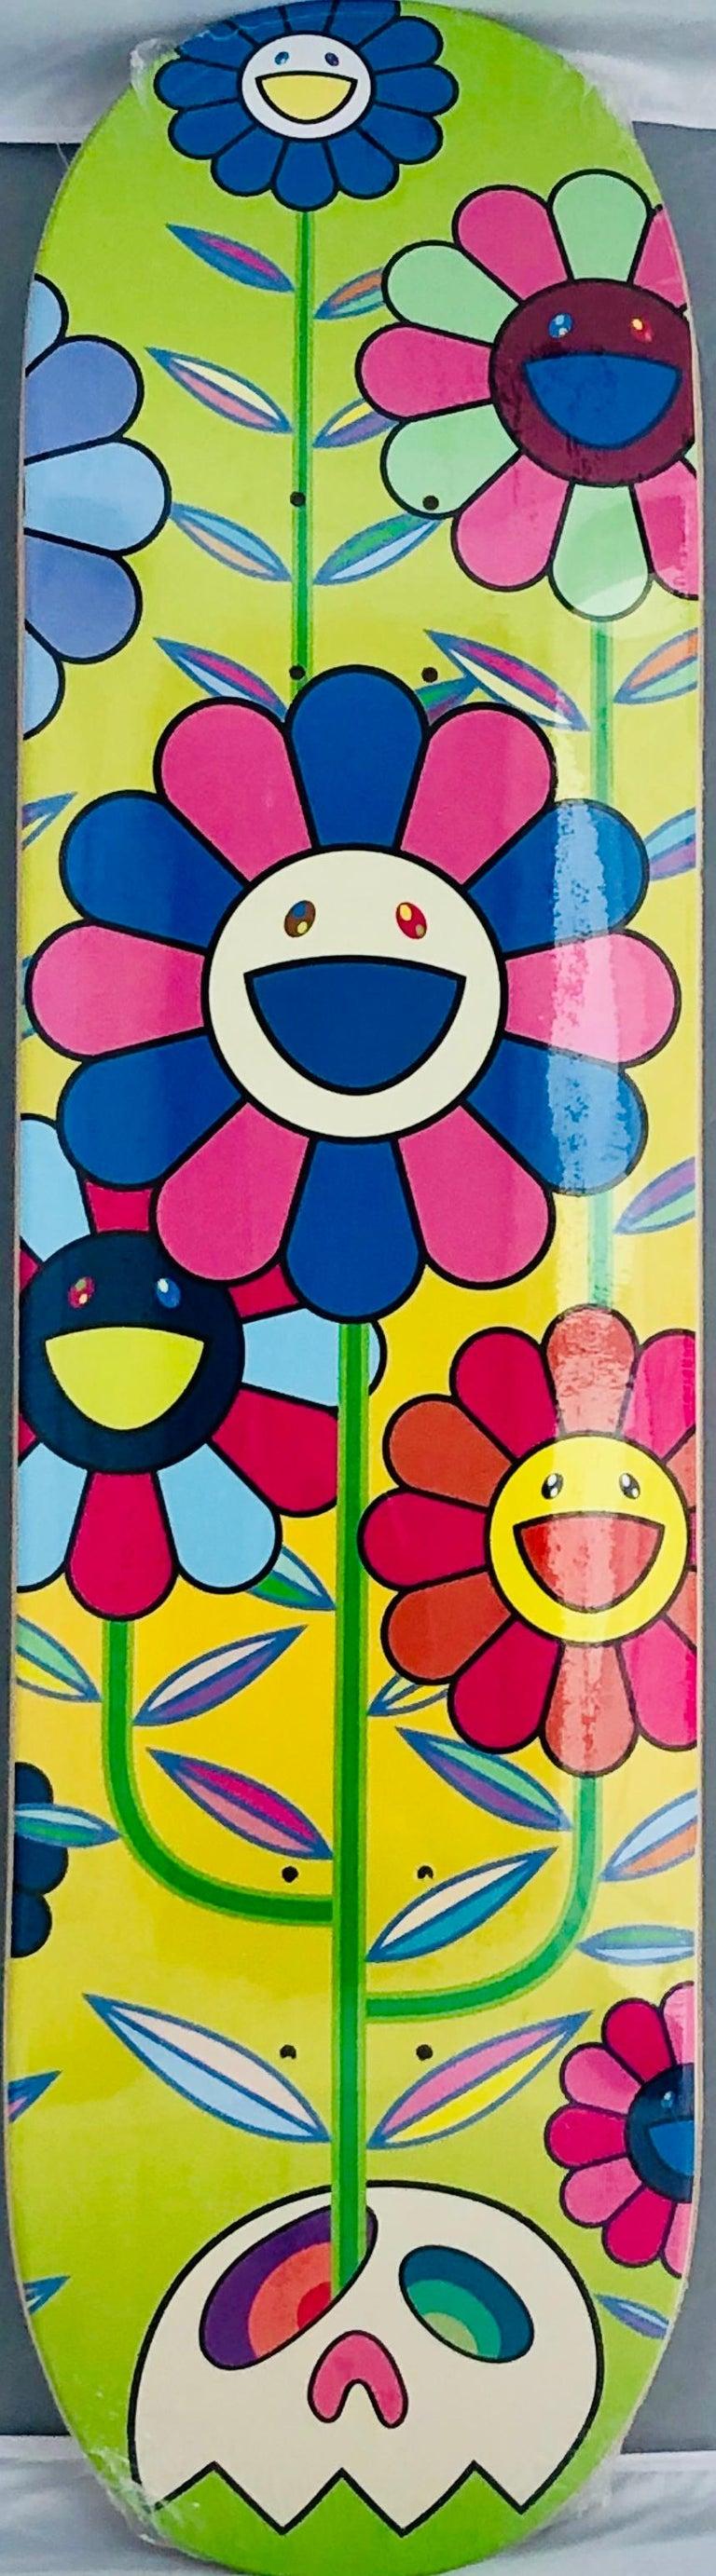 Murakami Flowers skateboard deck (Takashi Murakami flowers)  - Mixed Media Art by Takashi Murakami